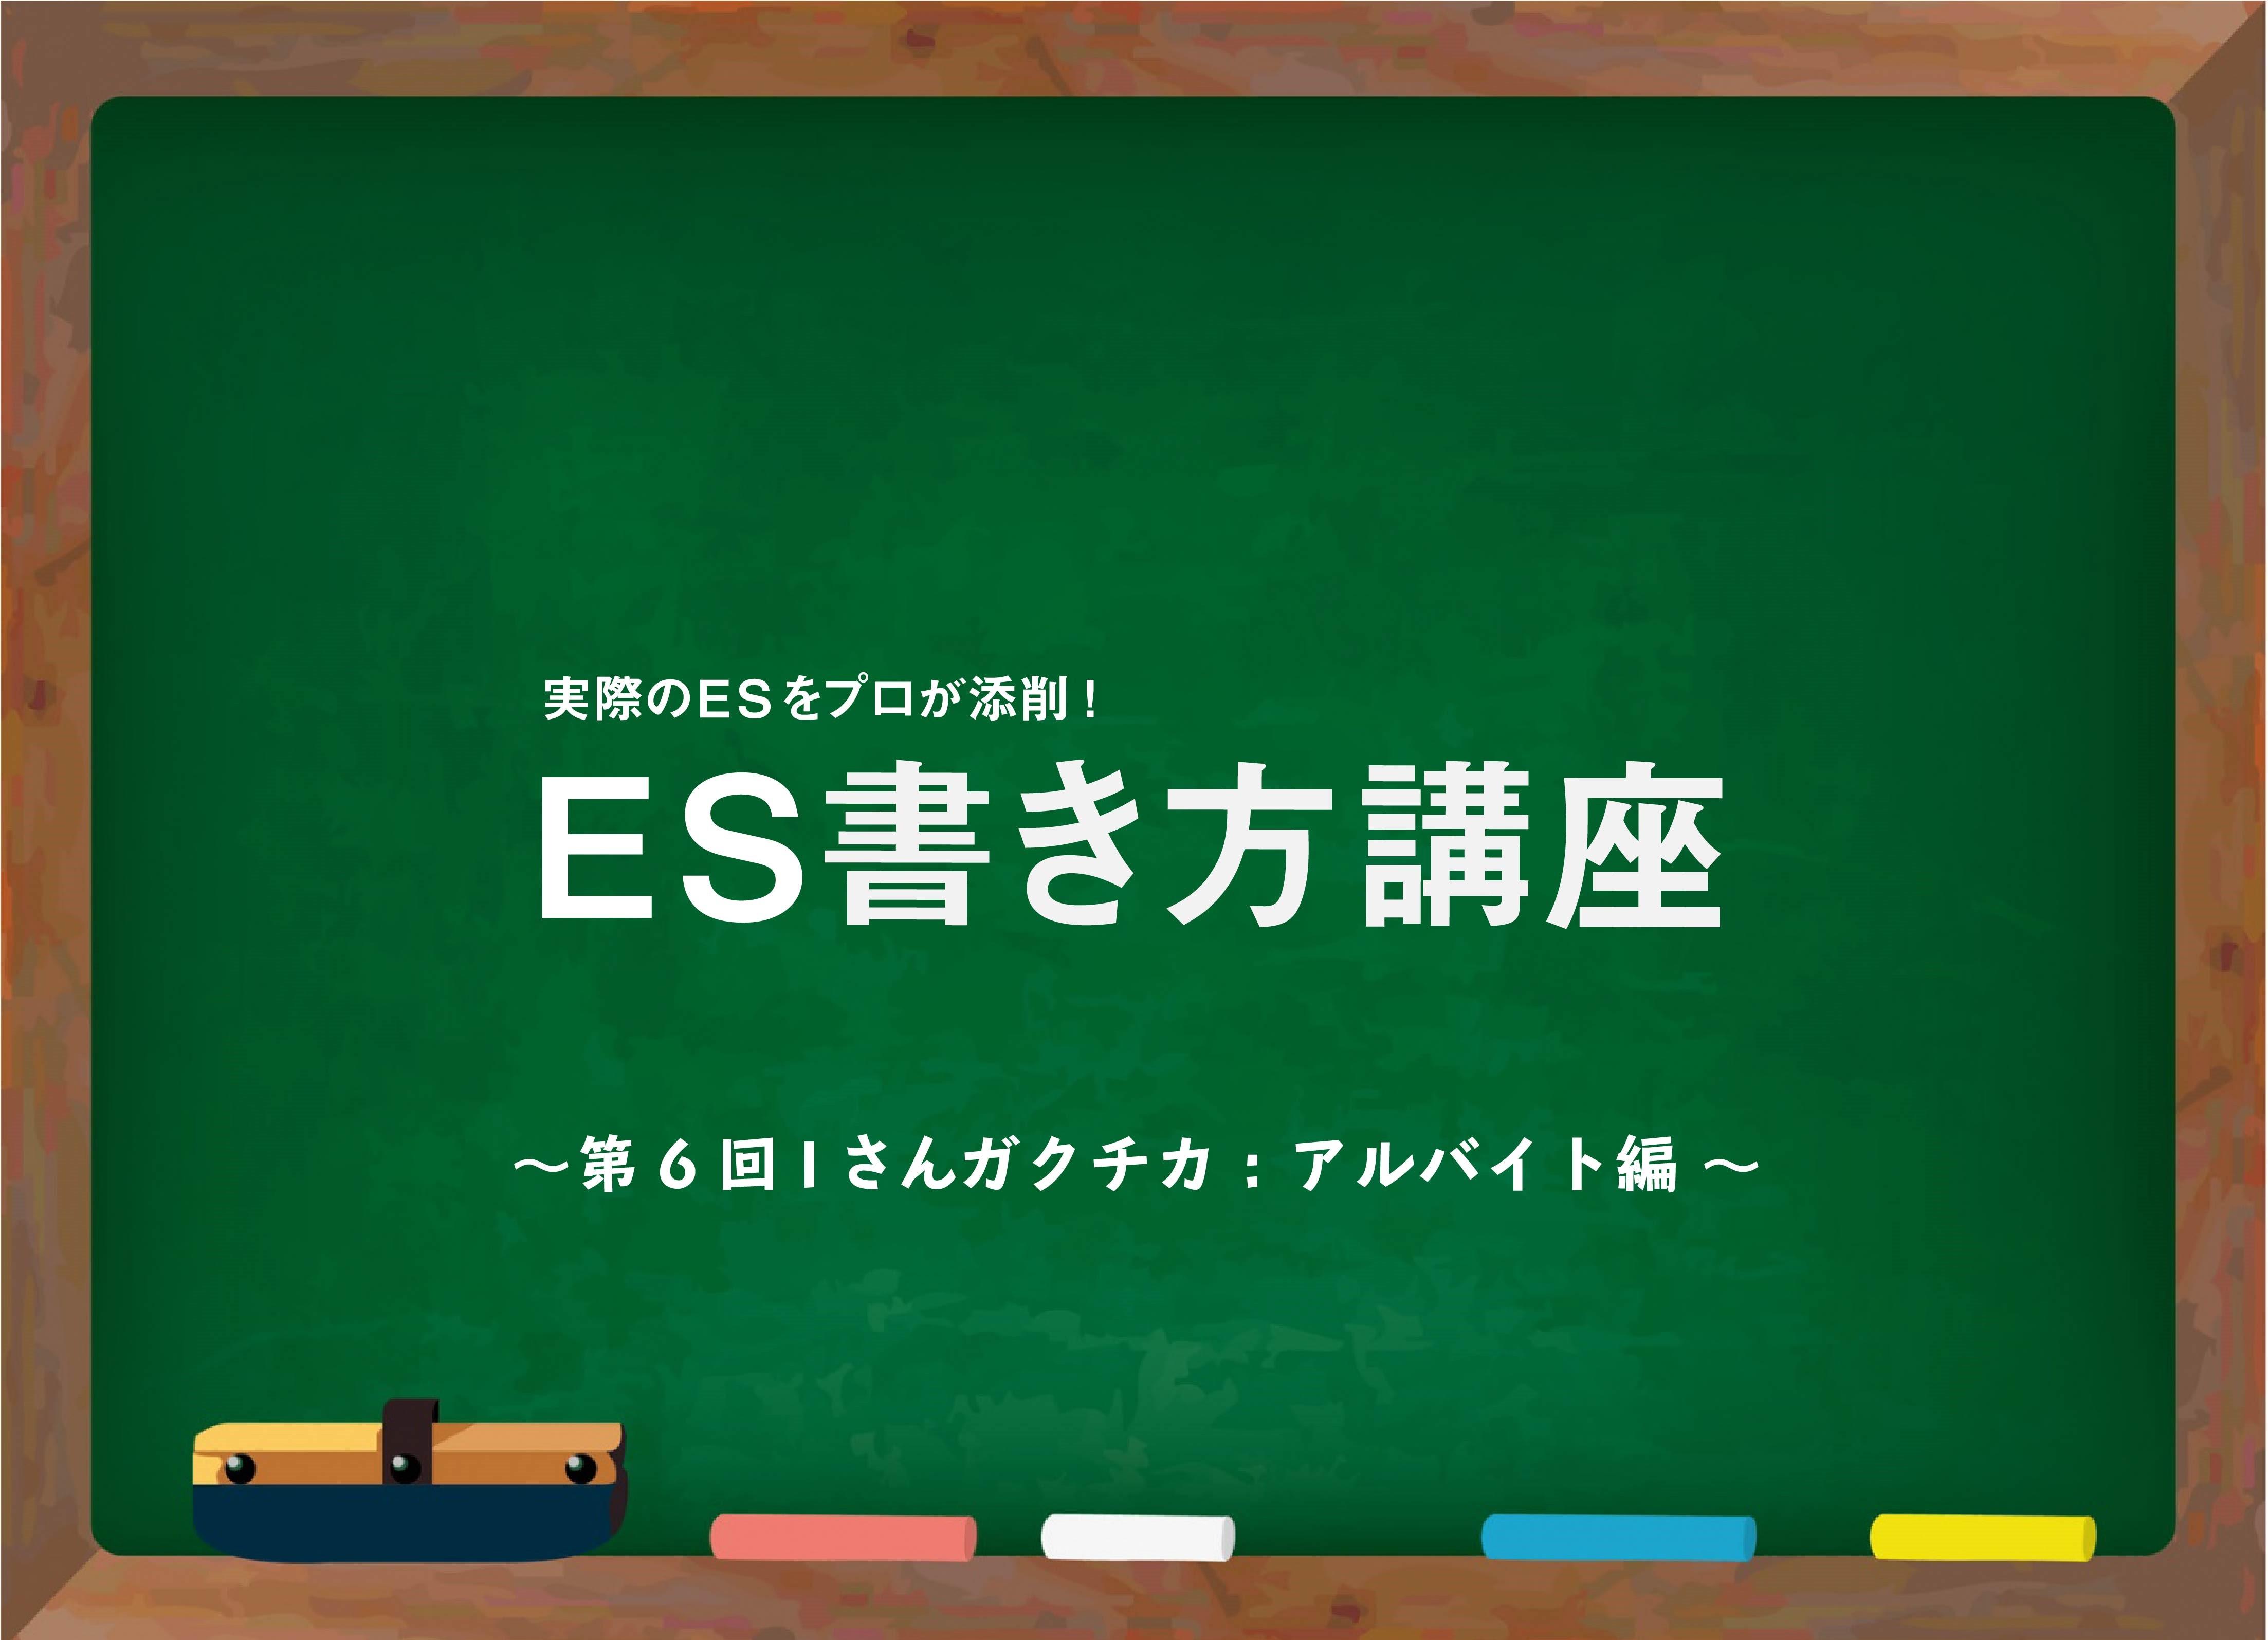 【実際のESをプロが添削!ES書き方講座#6】~Iさんガクチカ:アルバイト編~